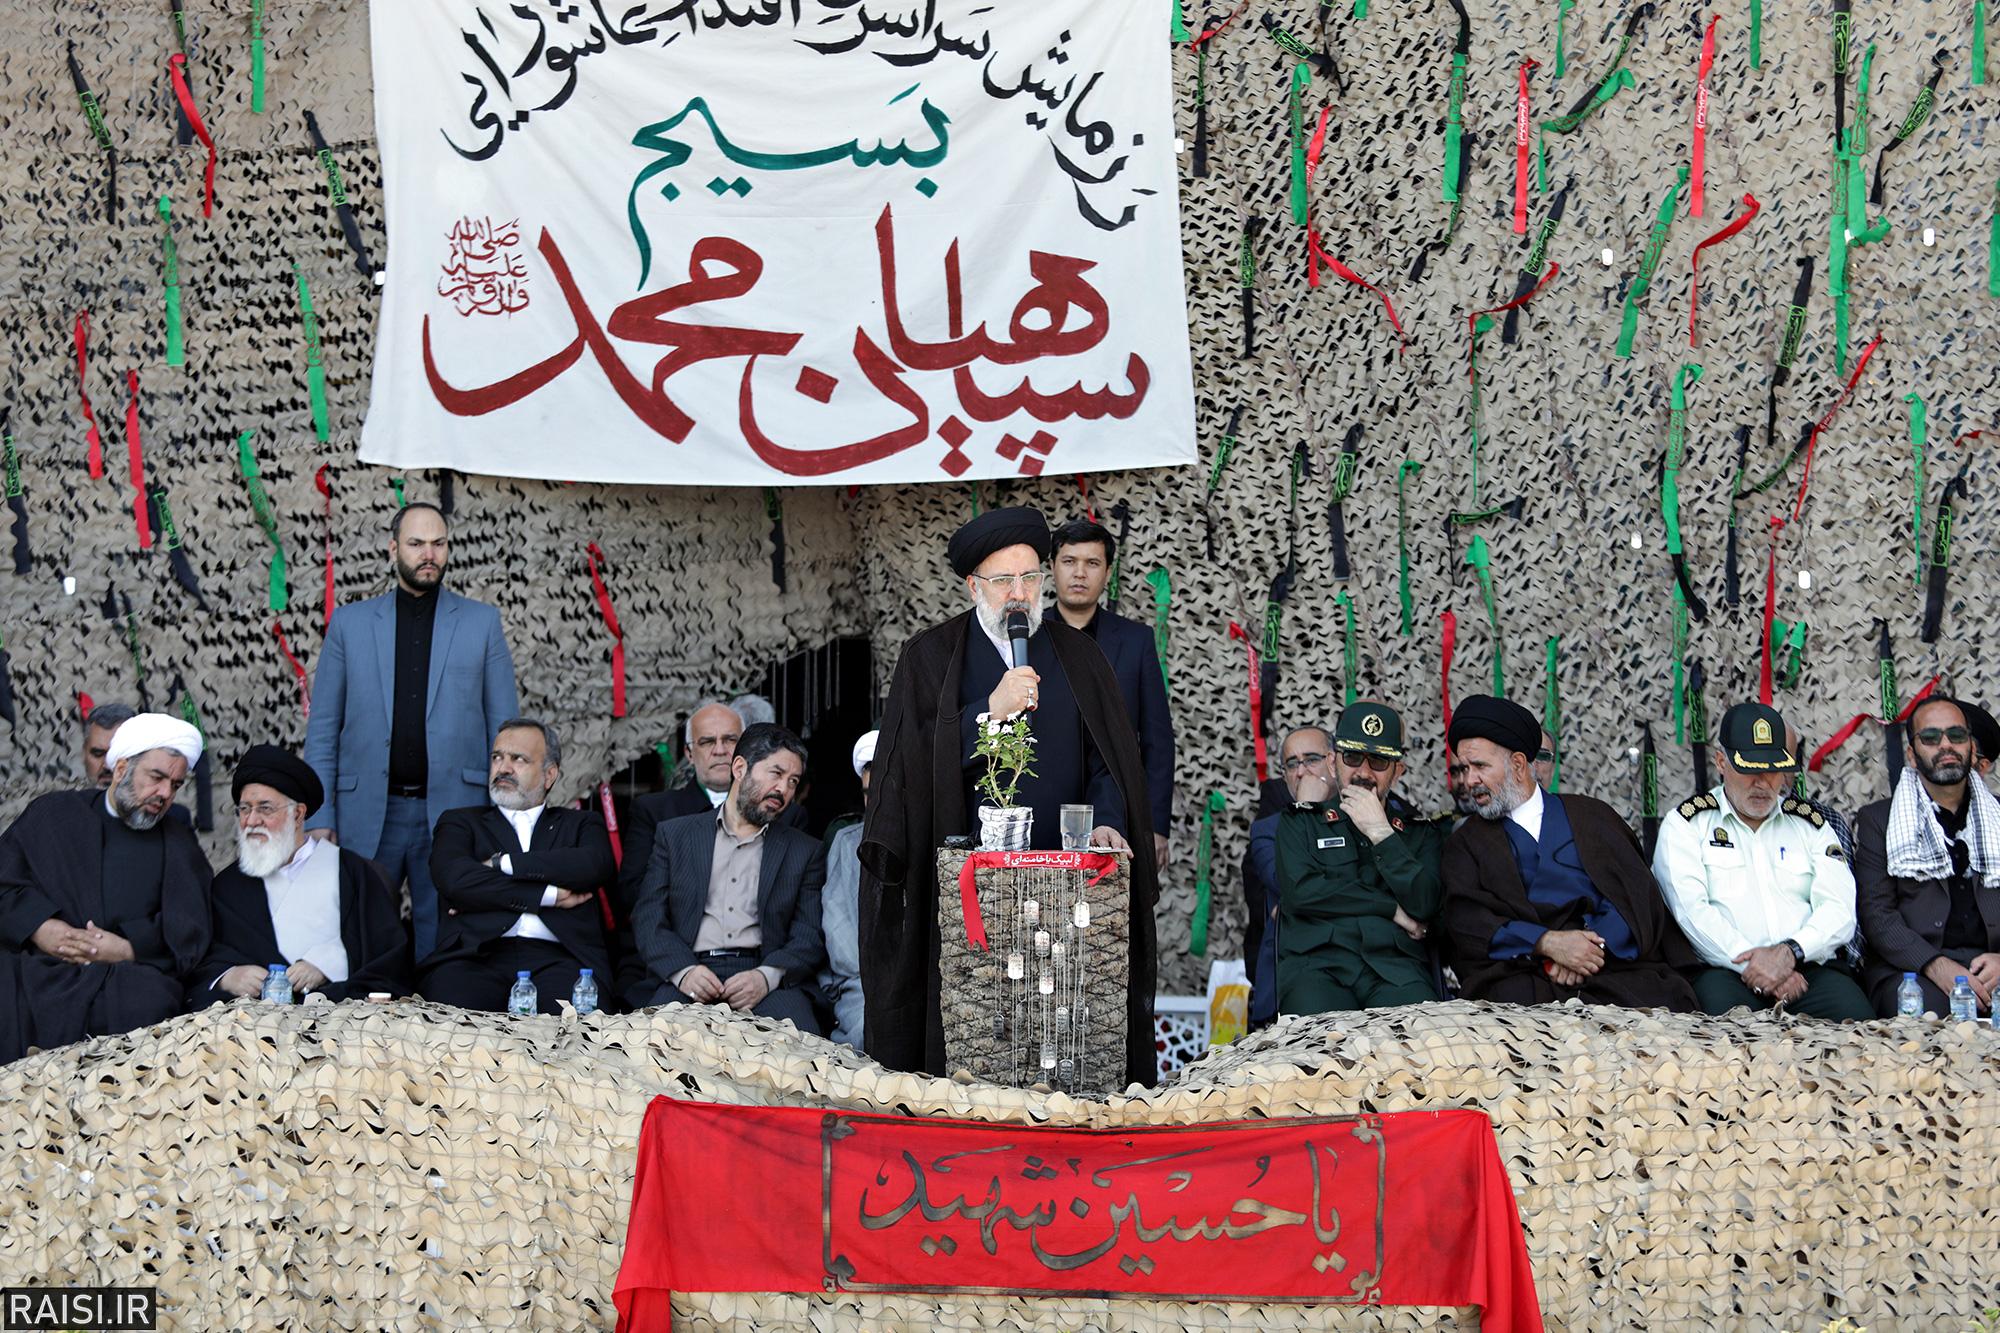 گزارش تصویری رزمایش سراسری اقتدار عاشورایی بسیج سپاهیان محمد(ص)  با سخنرانی تولیت آستان قدس